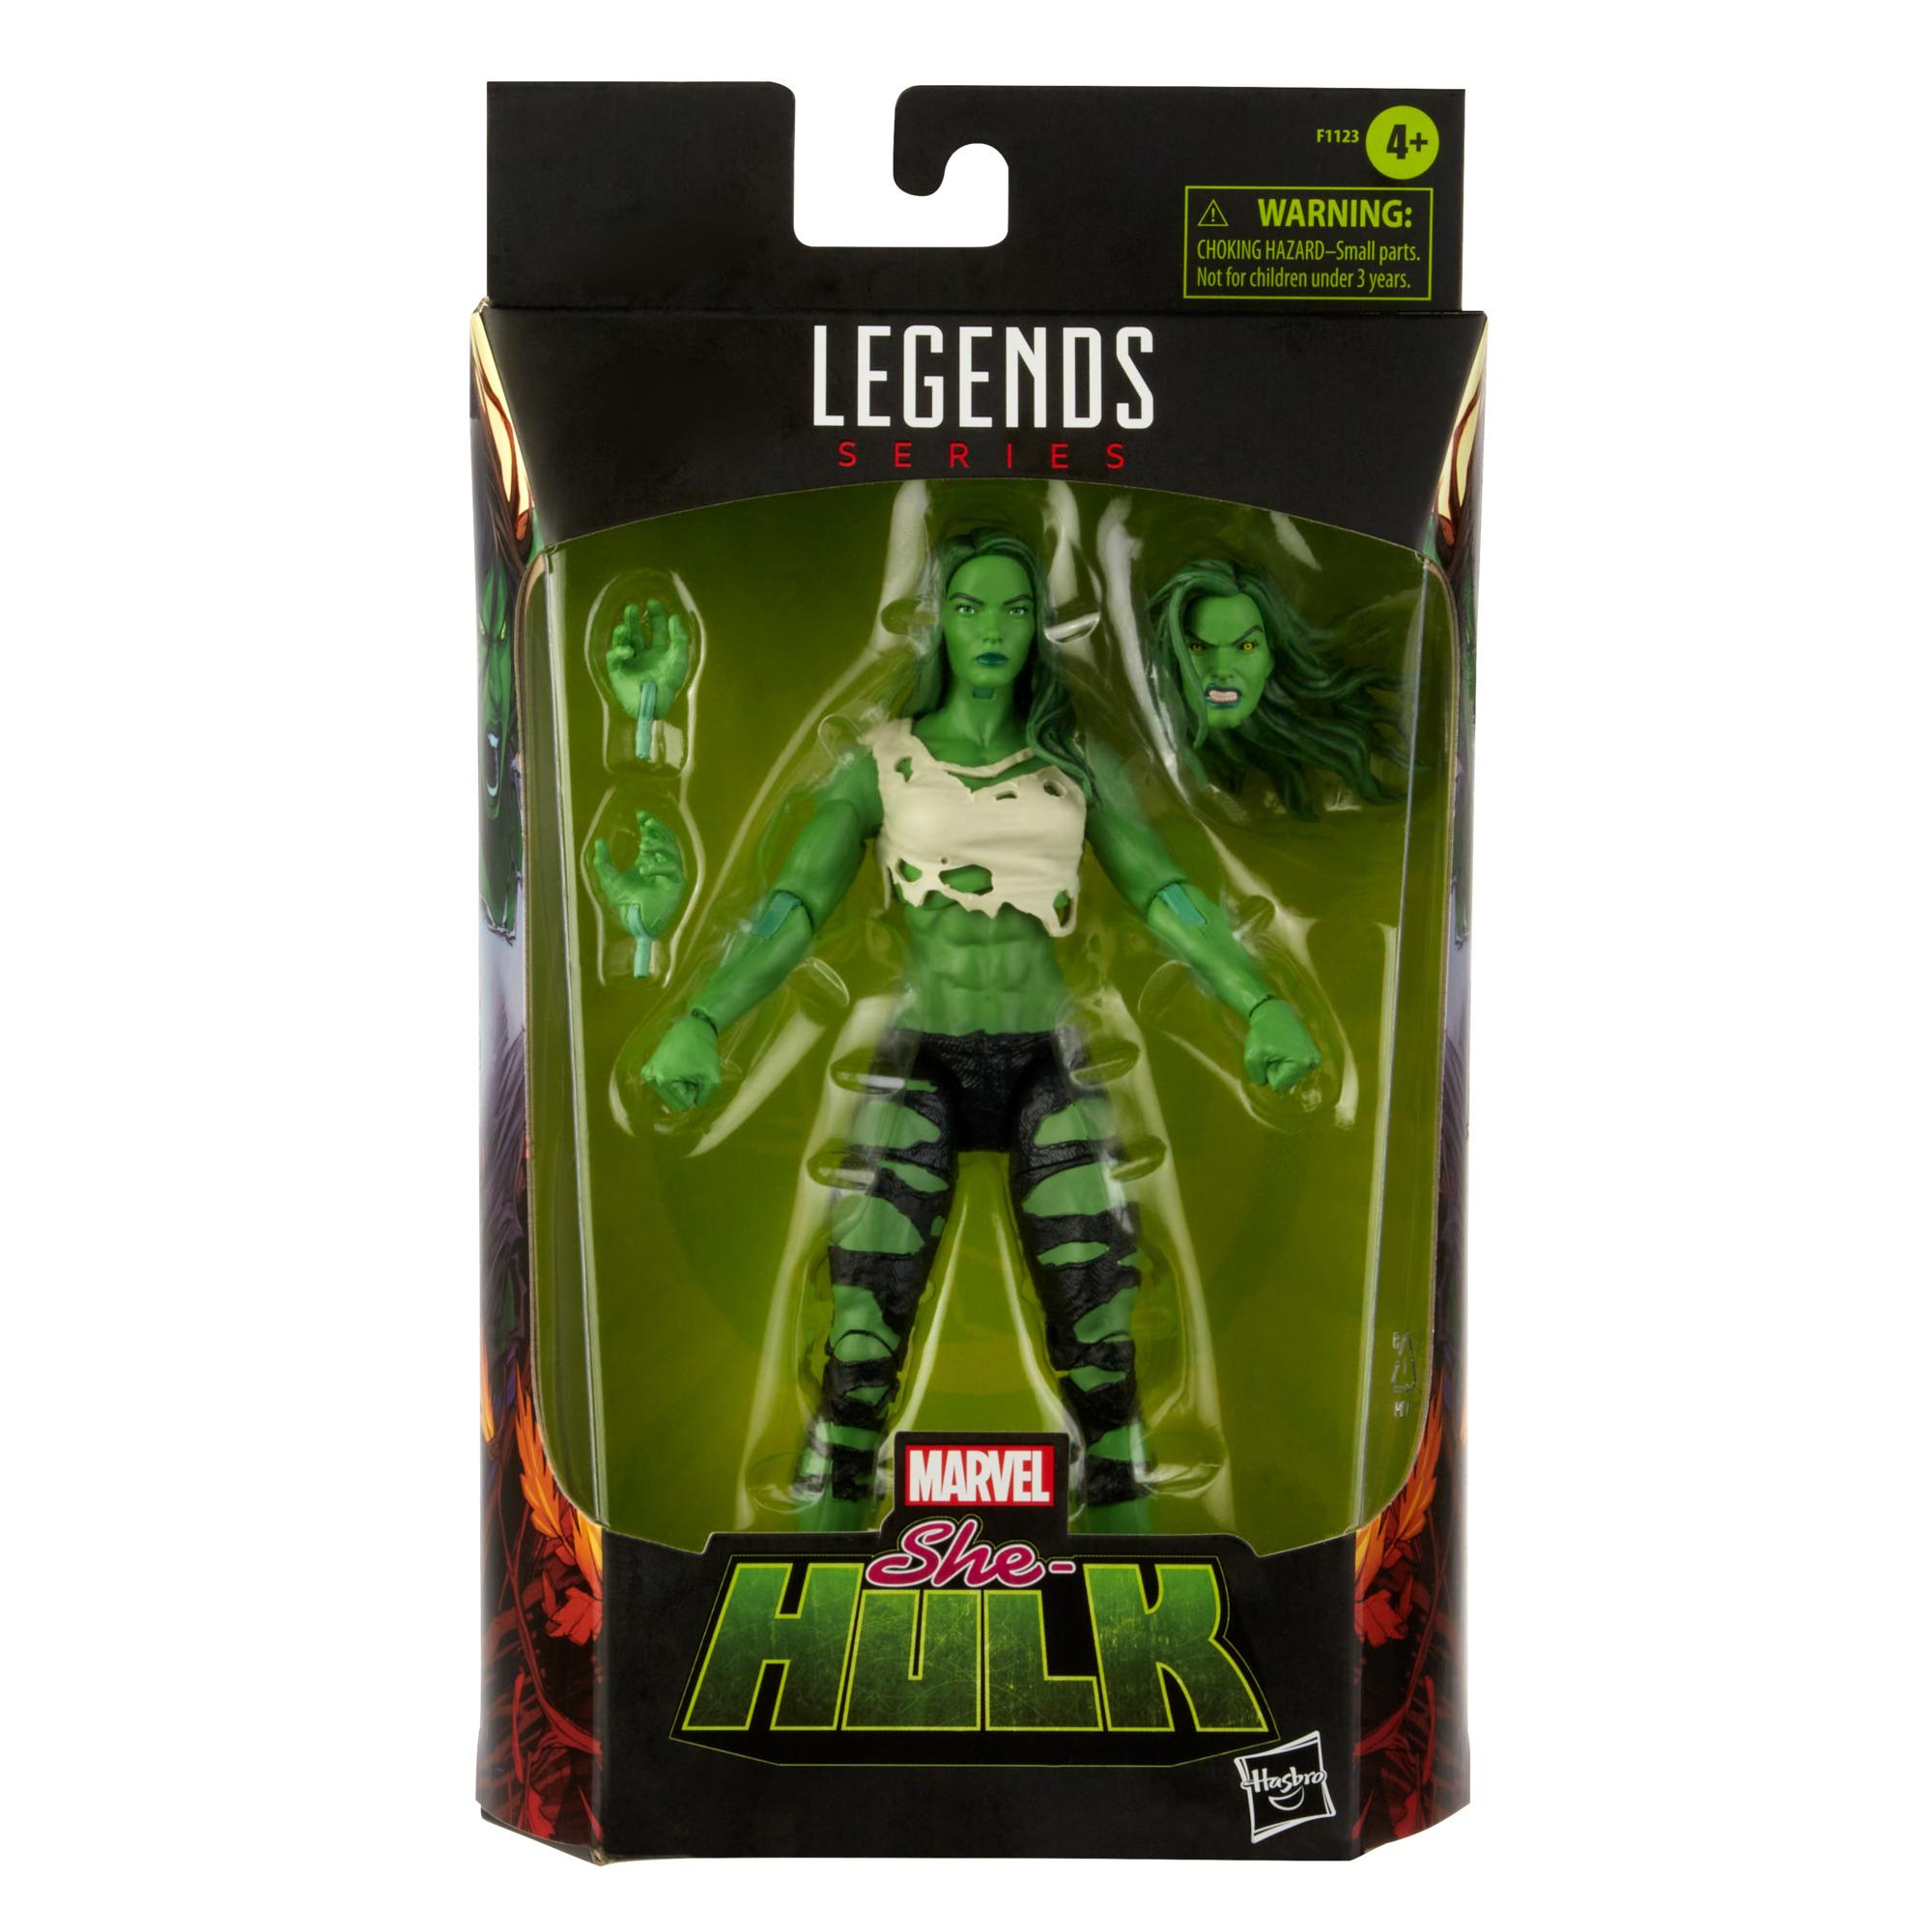 She-Hulk figure